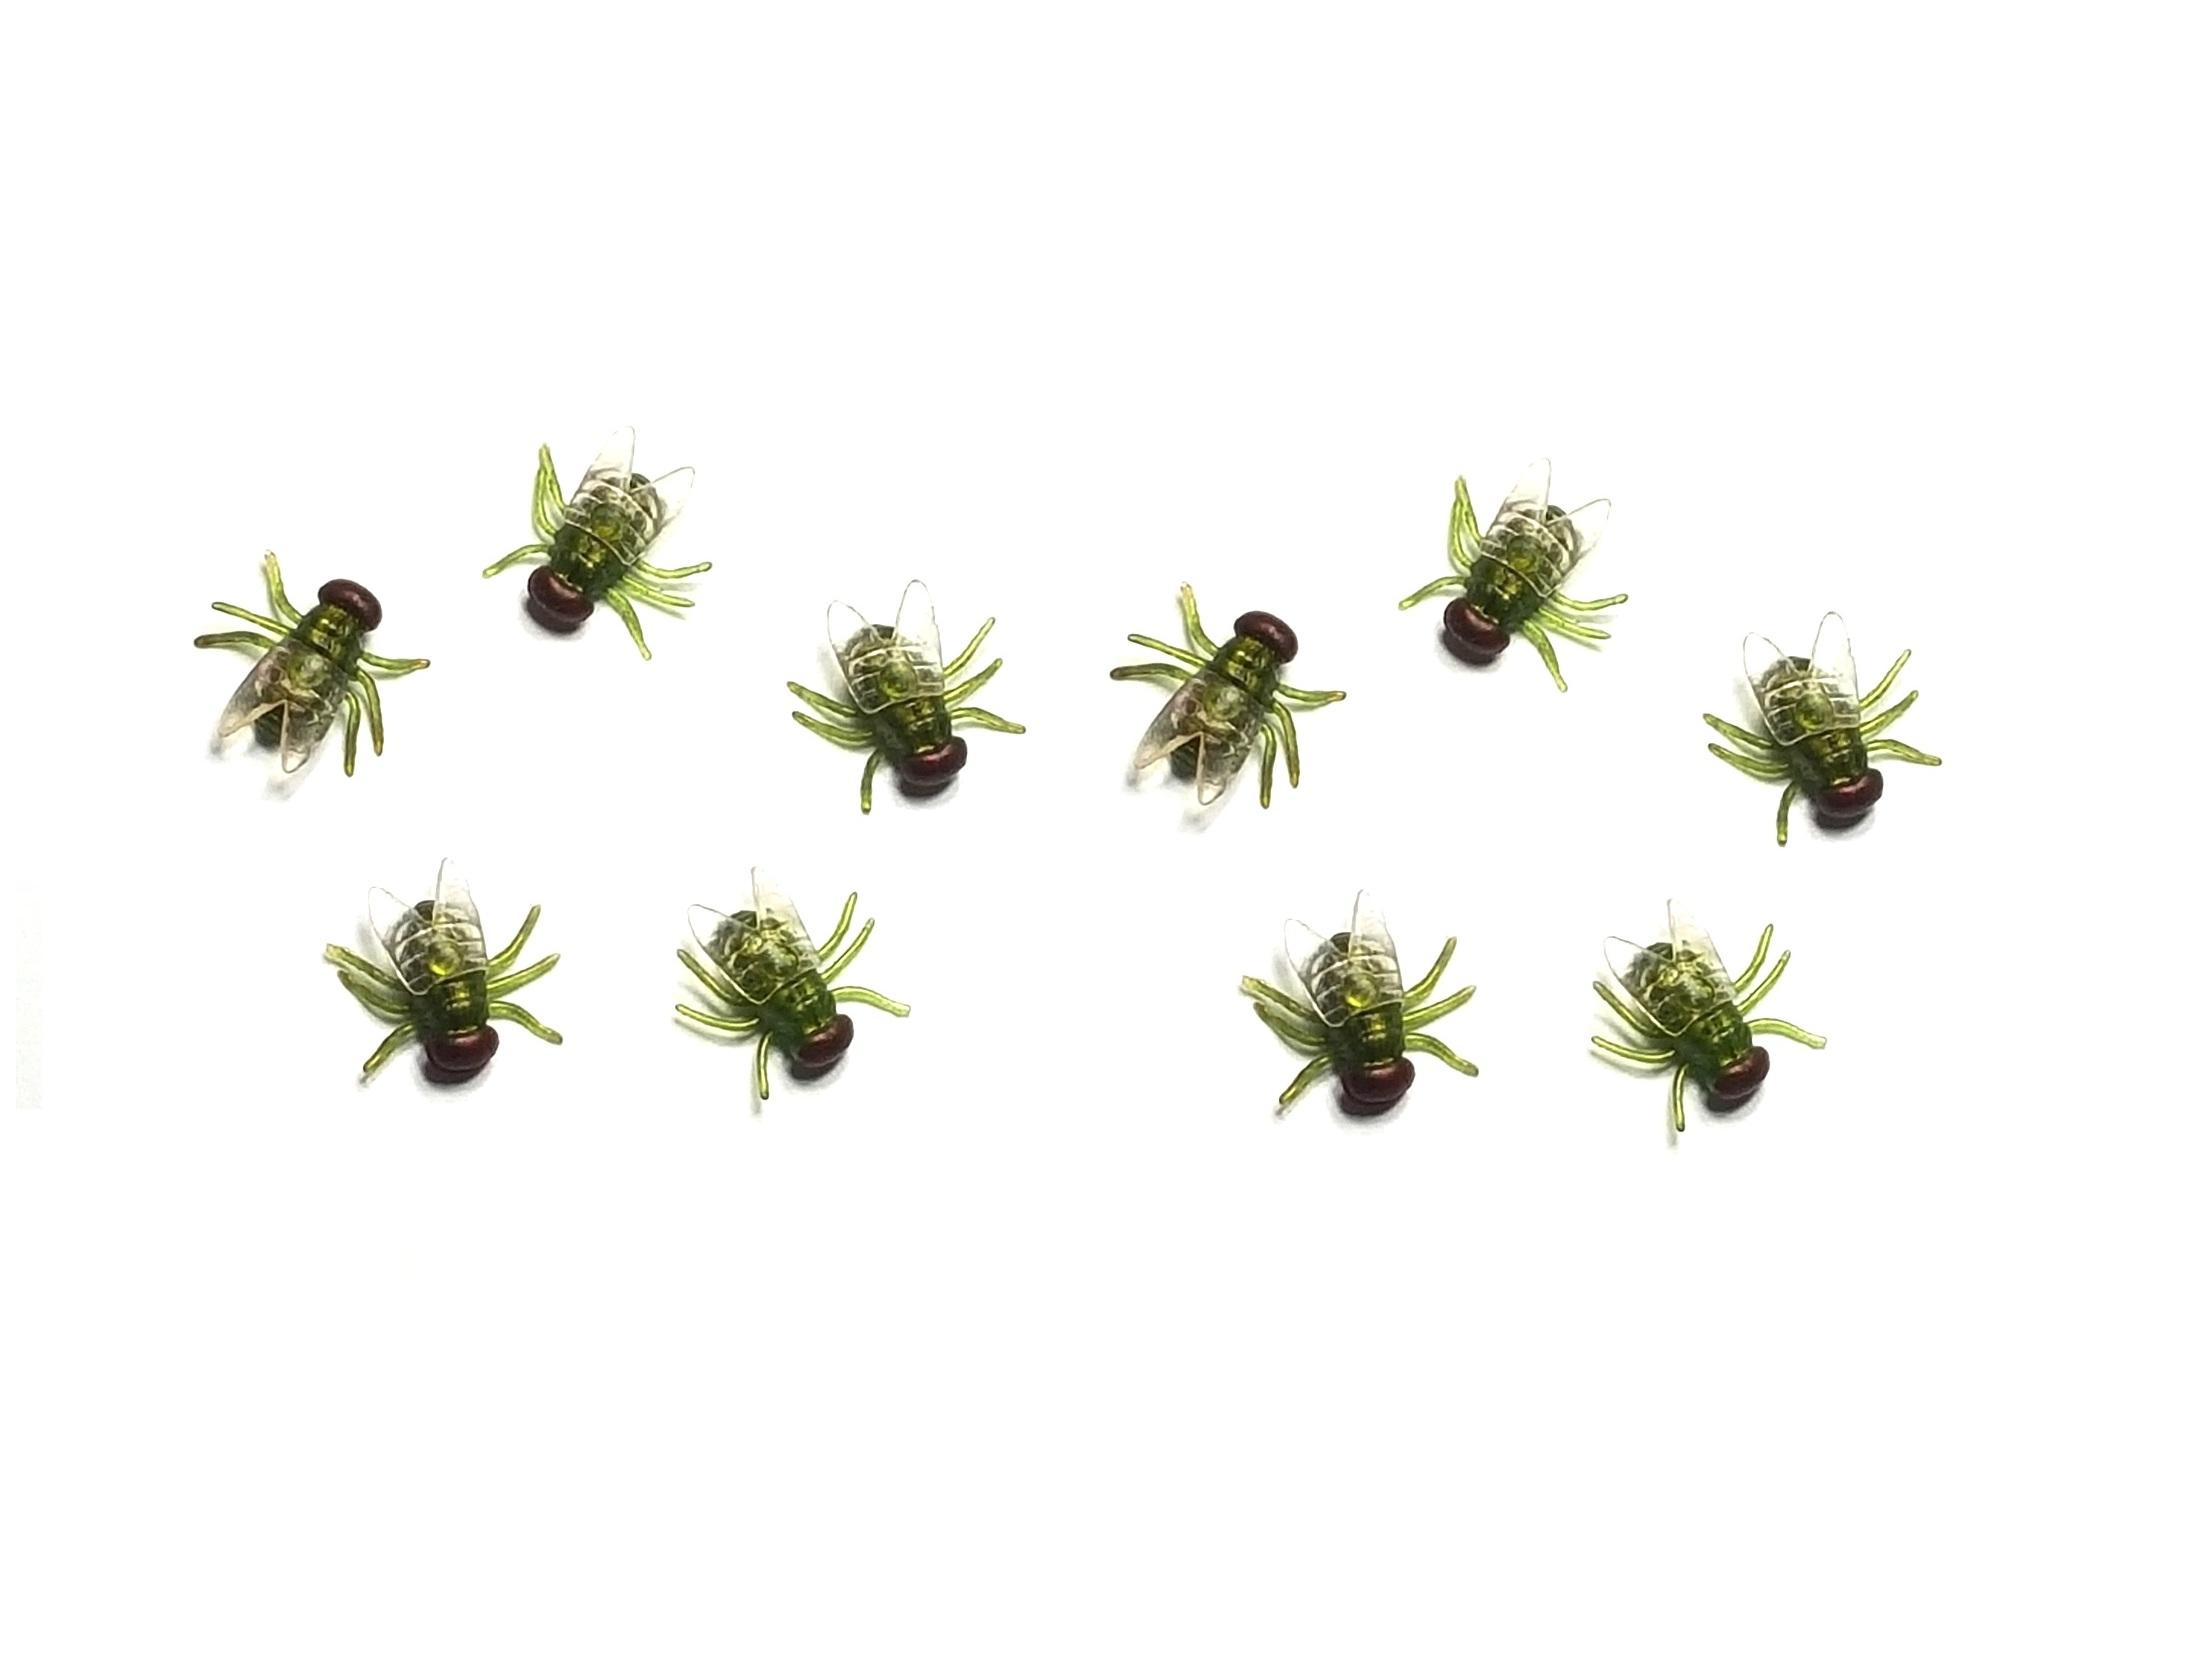 10 x mosche verdi bug scherzo divertente scherzo - Mosche verdi ...